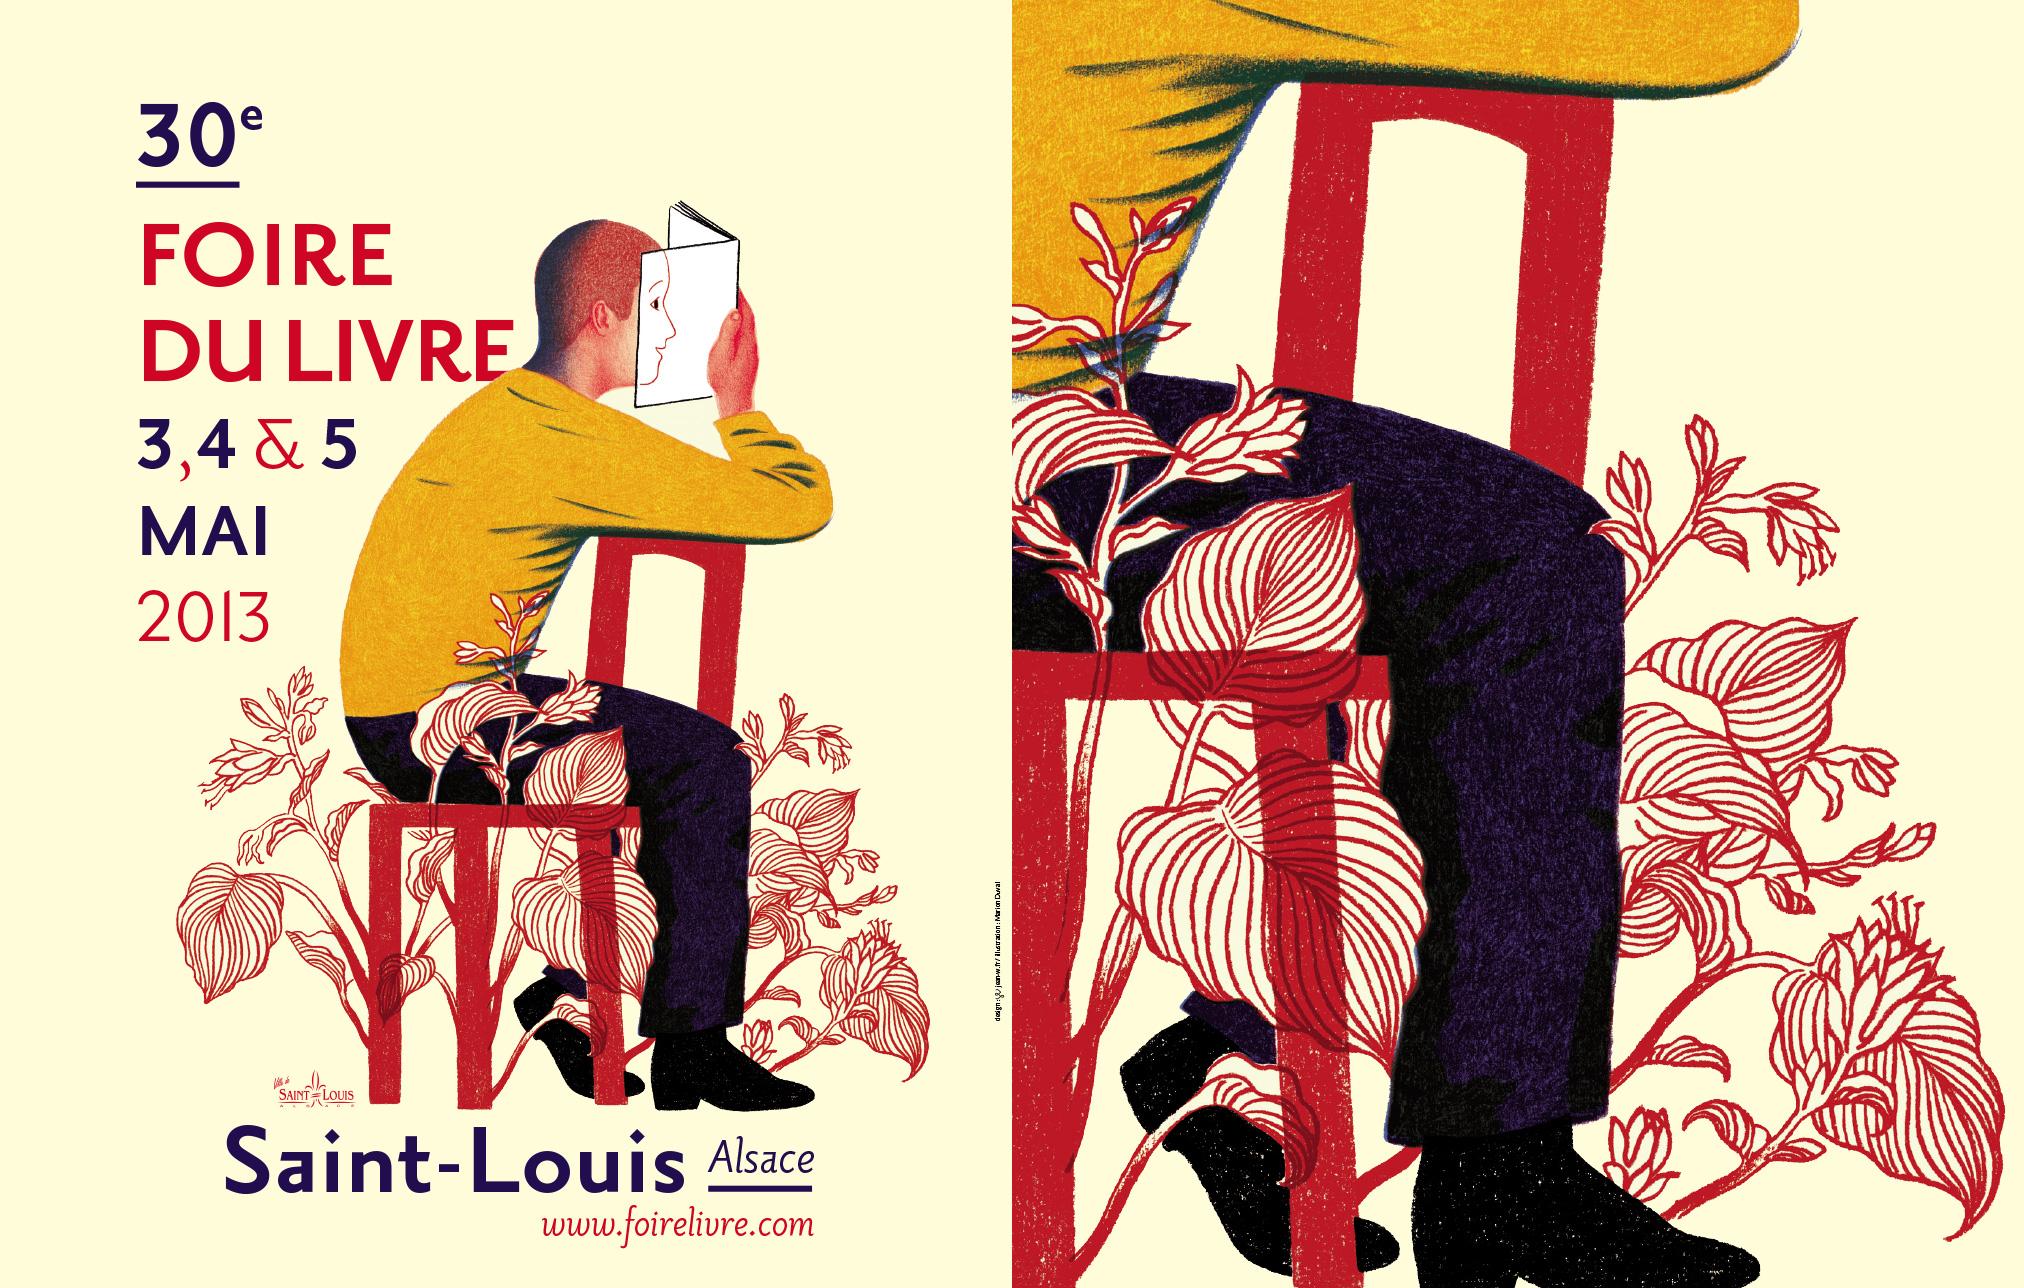 Foire du livre de Saint-Louis